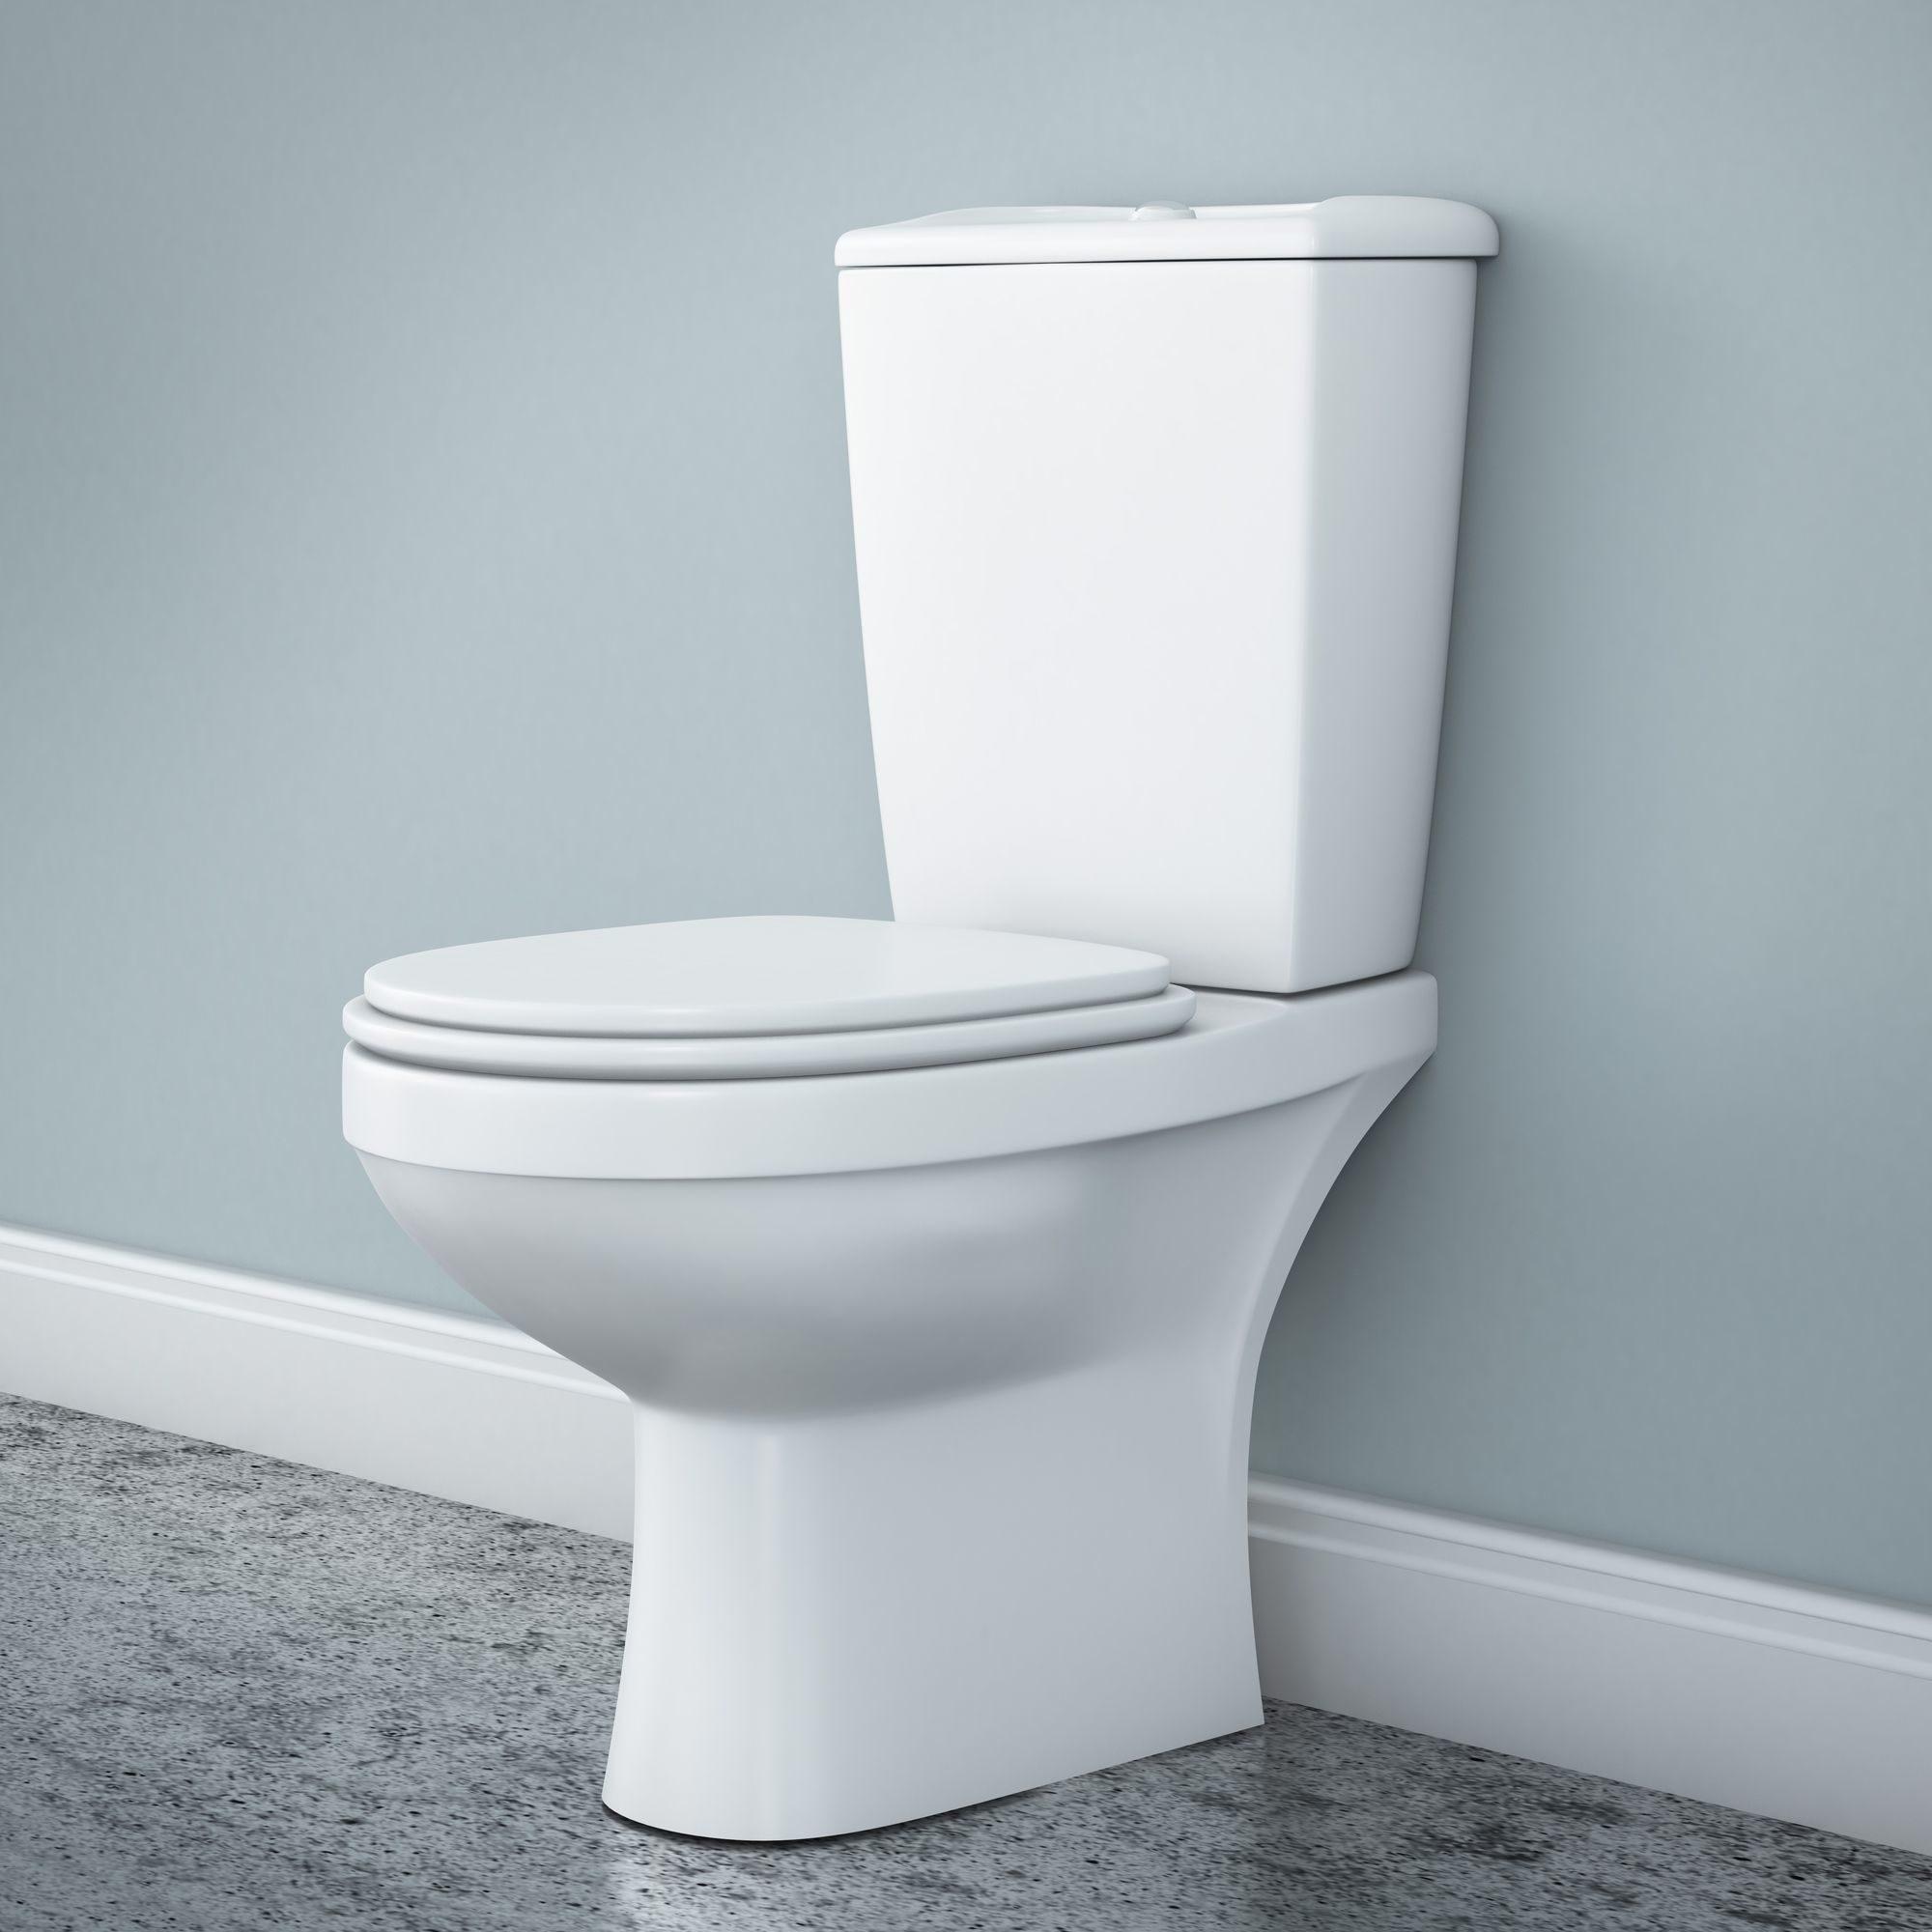 toilet plumbing installers